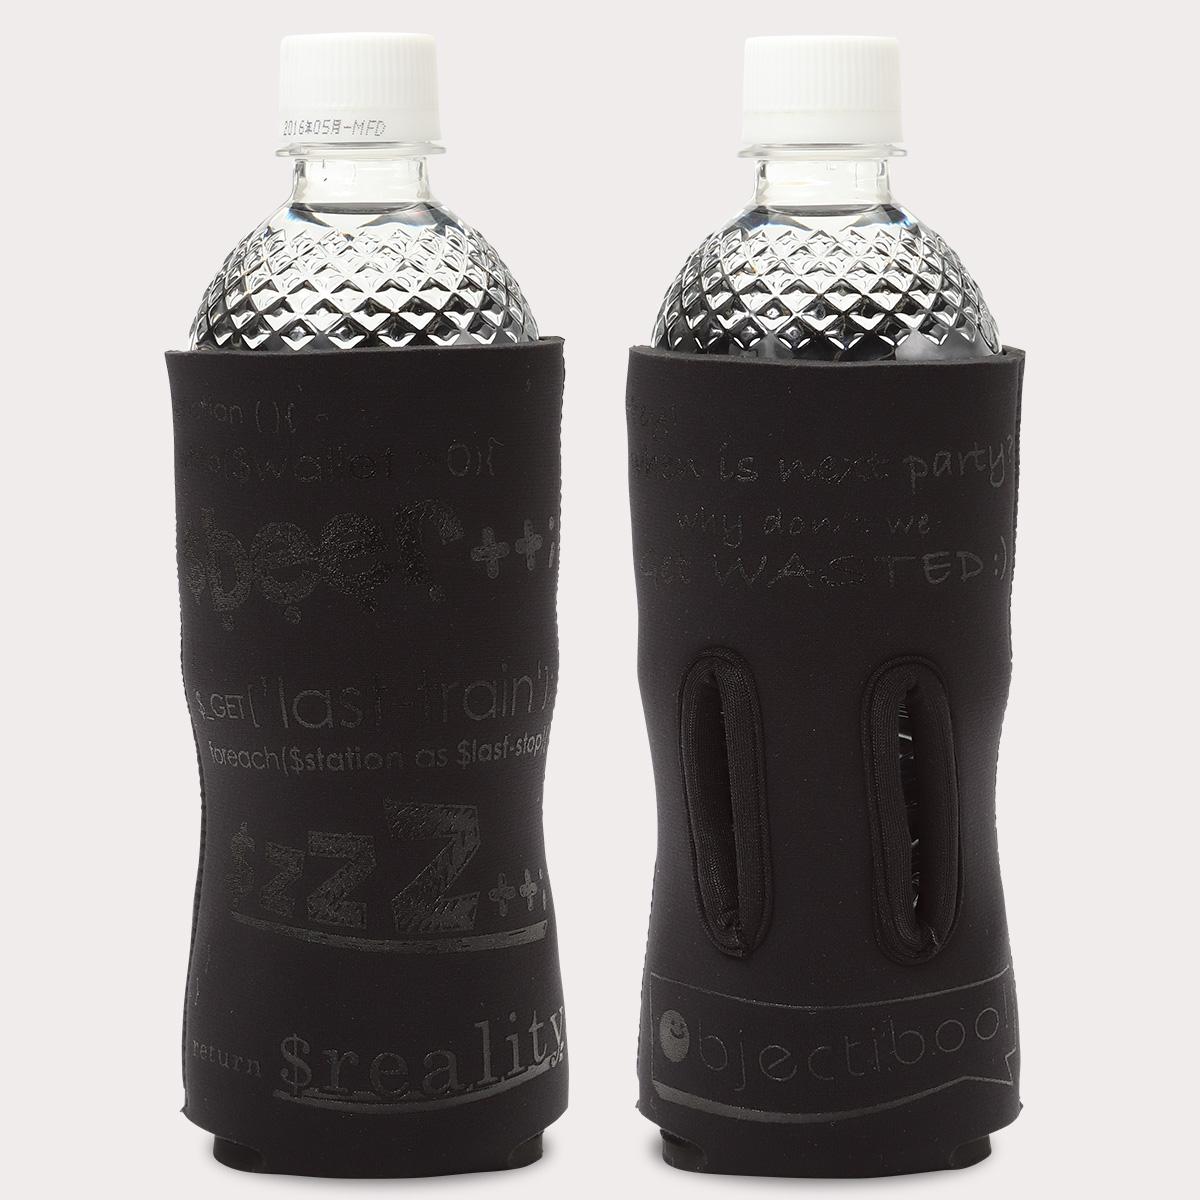 通せるクージー500 JOURNEY ペットボトル装着例